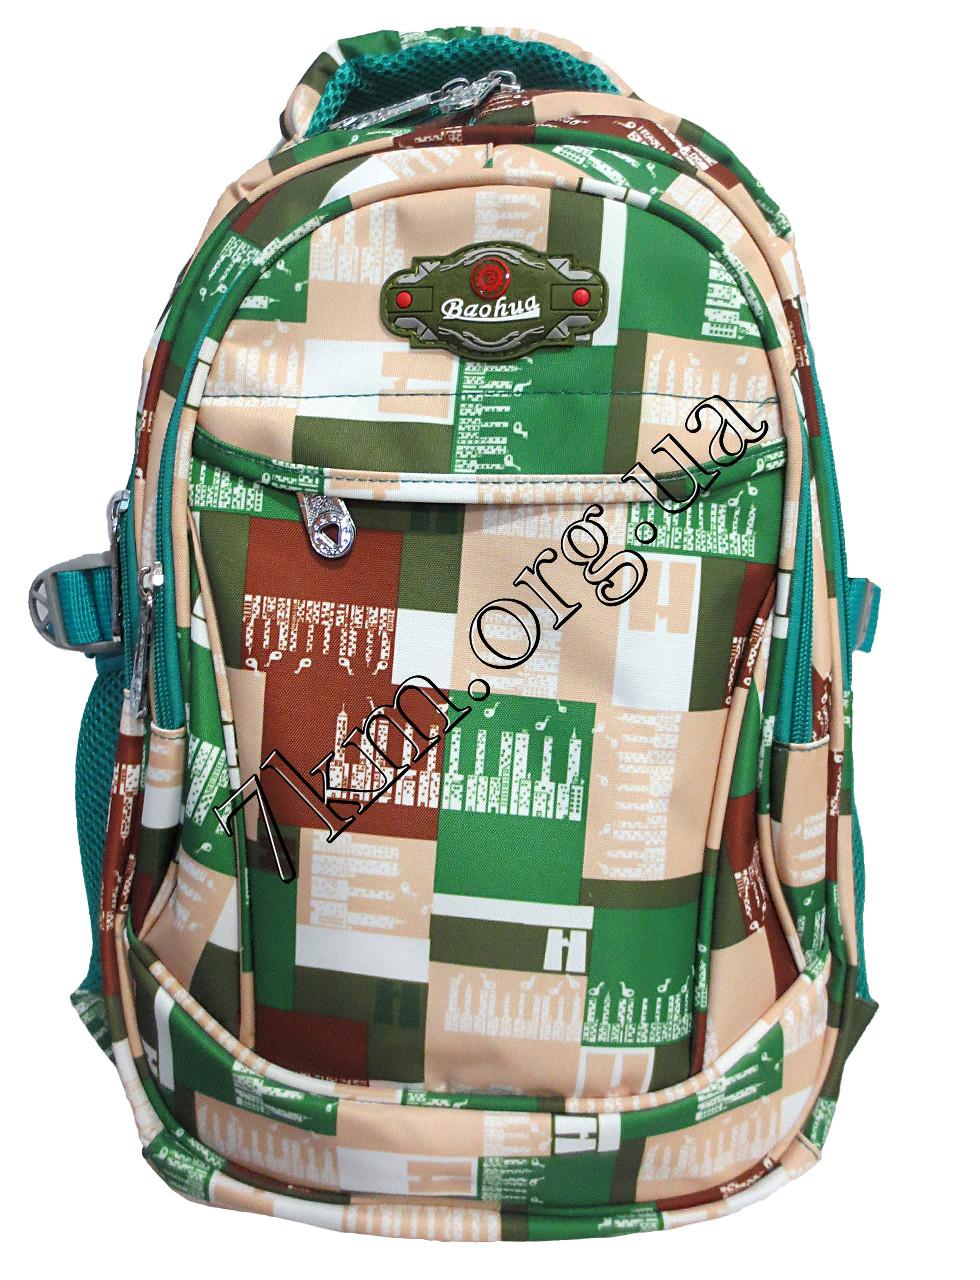 7a54587e4388 Школьный рюкзак для мальчиков 40*30 Baohua CR BH 4139A: продажа ...